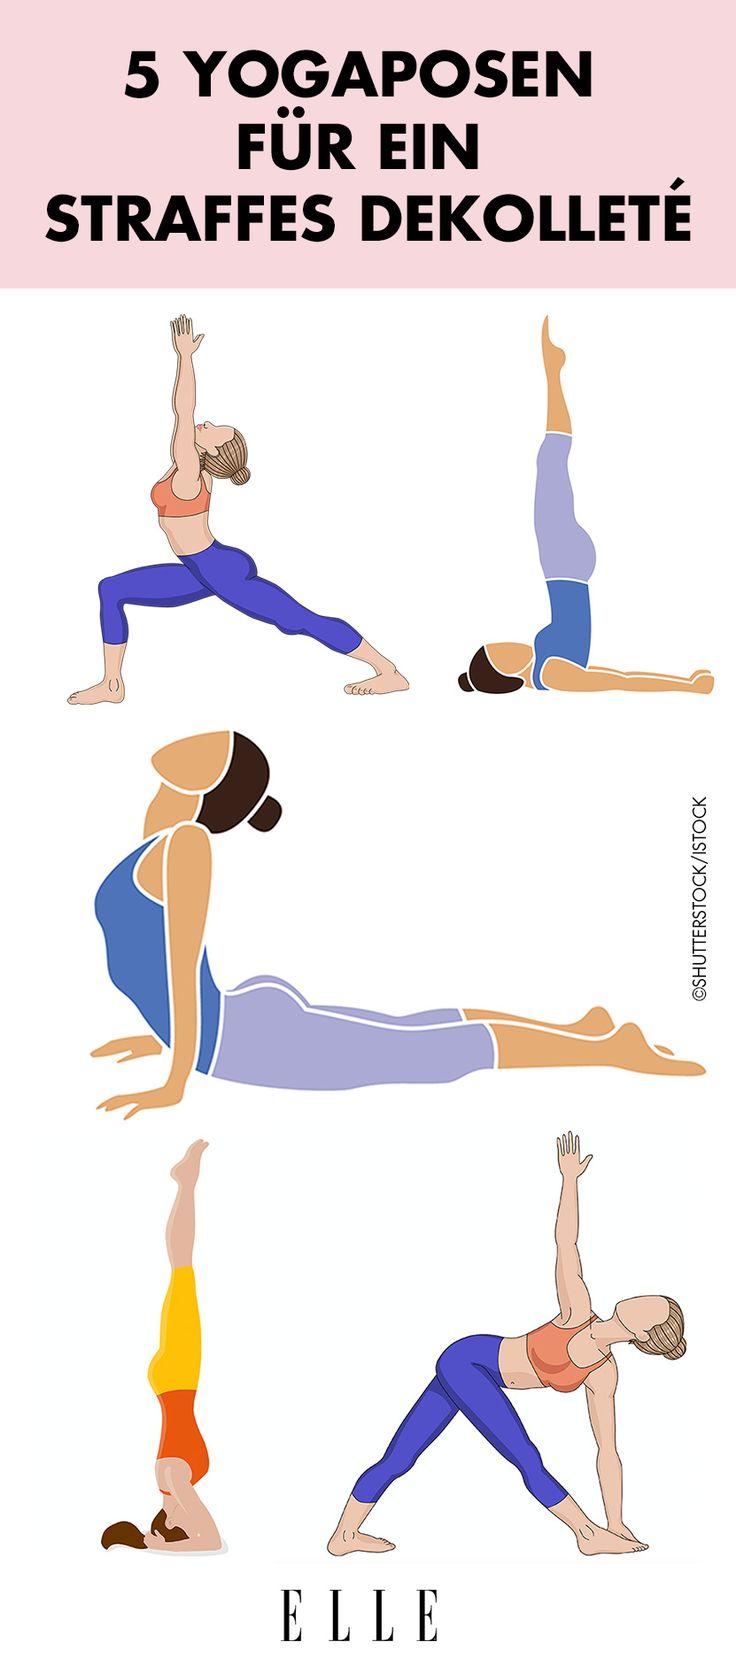 Die Form ihrer Brüste ist für viele Frauen ein Thema: zu groß, zu klein, zu spitz, zu schlaff... die Liste der Beschwerden ist schier endlos. Manche glauben deshalb, dass sie Hilfsmittel wie Push-up-BHs oder sogar Operationen benötigen, um zu ihrer idealen Brustform zu gelangen. #yoga #fitness